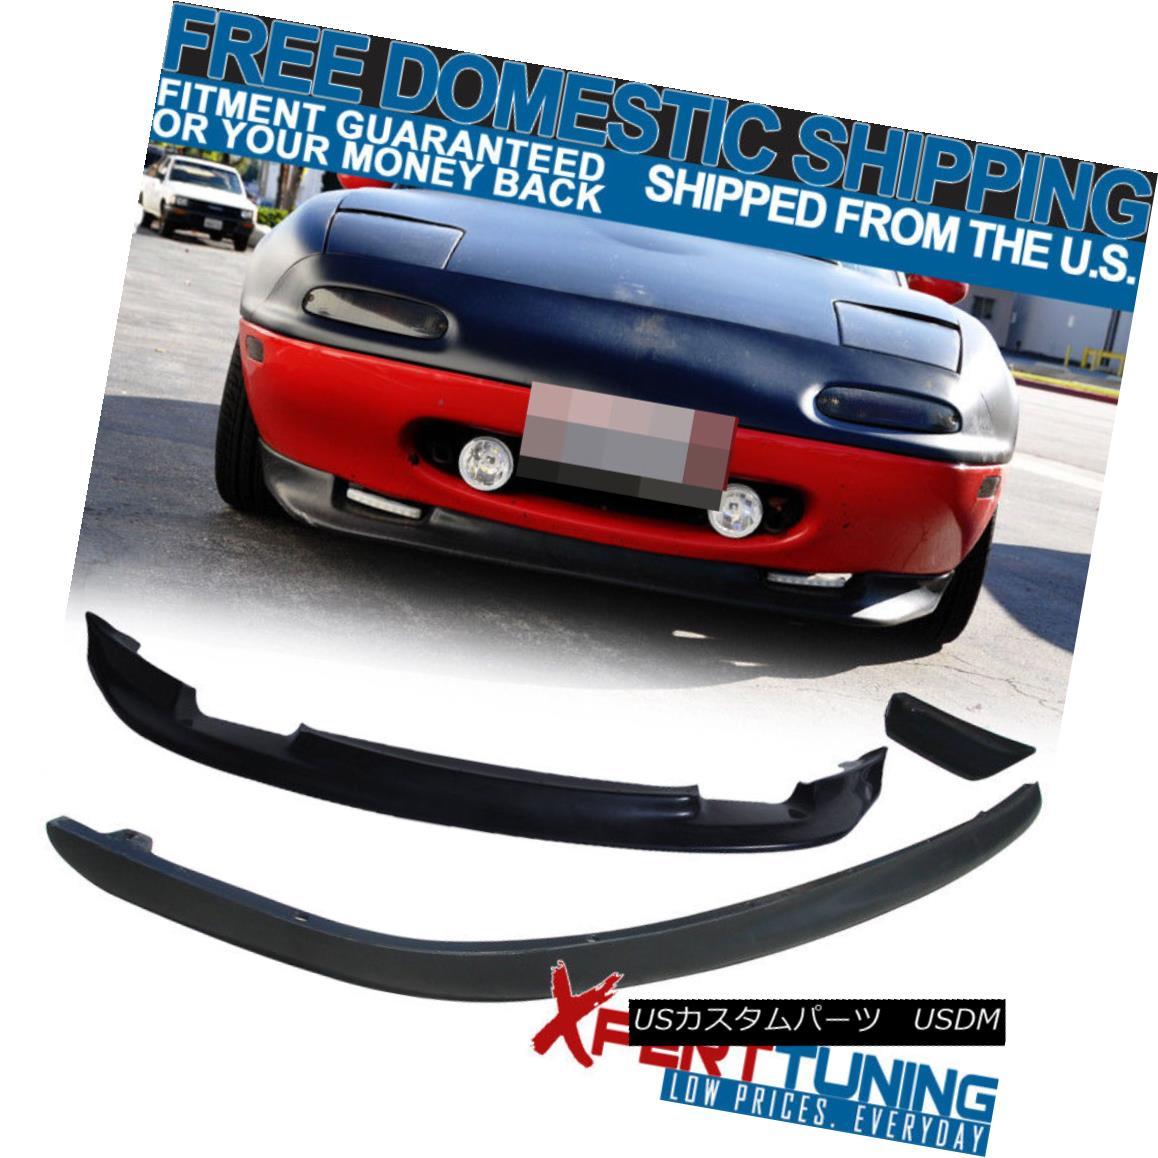 エアロパーツ Fit Mazda Miata 90-97 2Dr RS Style Front + Rear Bumper Lip Spoiler Bodykit Black フィットマツダMiata 90-97 2Dr RSスタイルフロント+リアバンパーリップスポイラーボディキットブラック